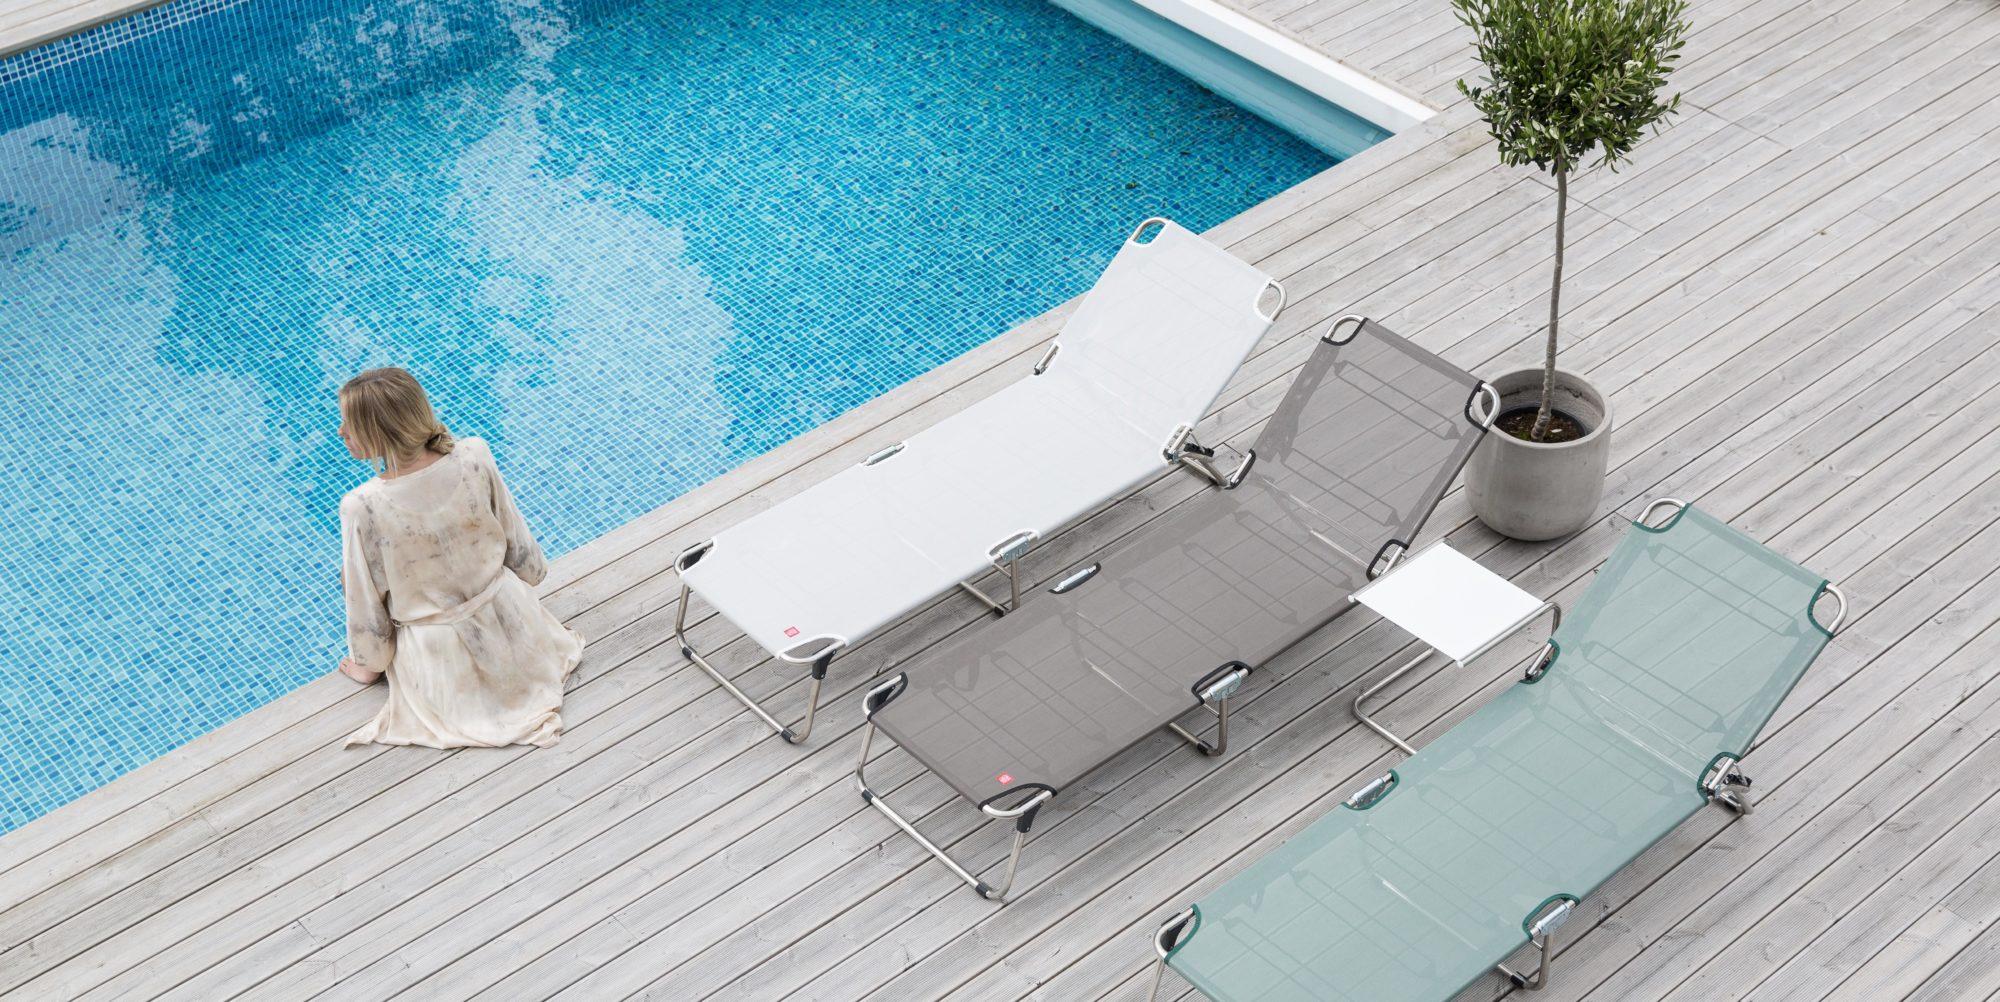 Buxus Bain Fiam Arcachon De Chaise Longue Soleil Bordeaux g76yYfvb